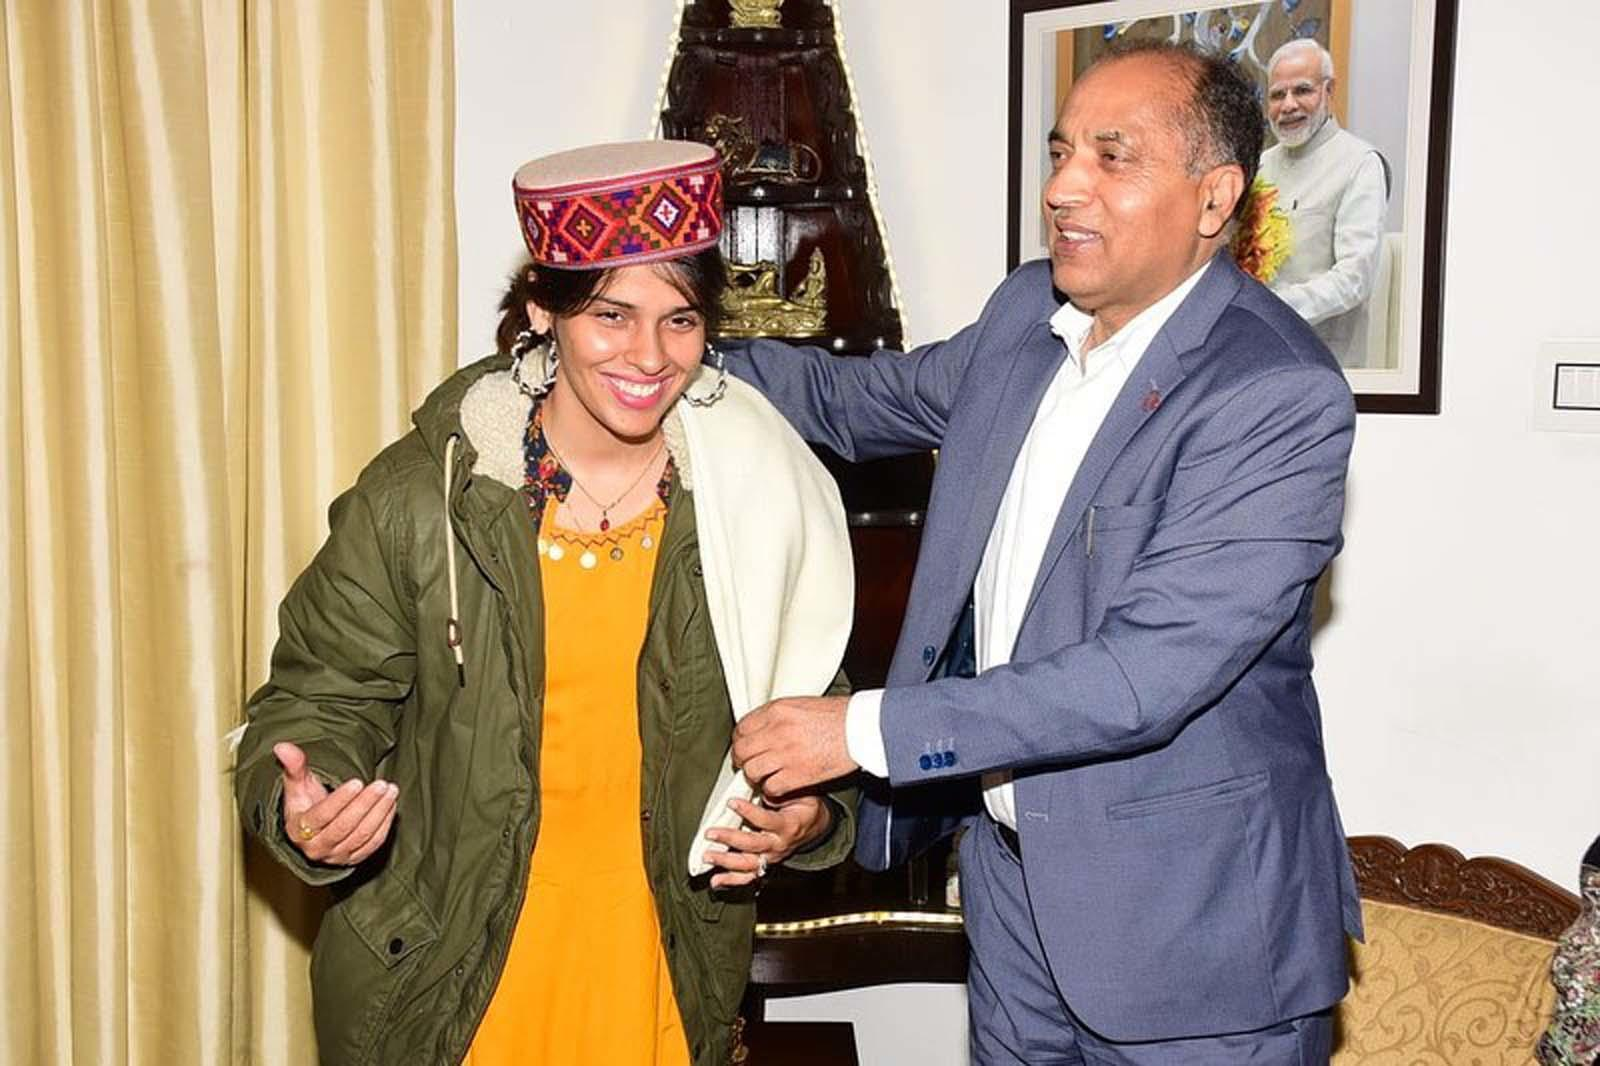 After Maldives, Saina Nehwal visits Shimla with husband Parupalli Kashyap